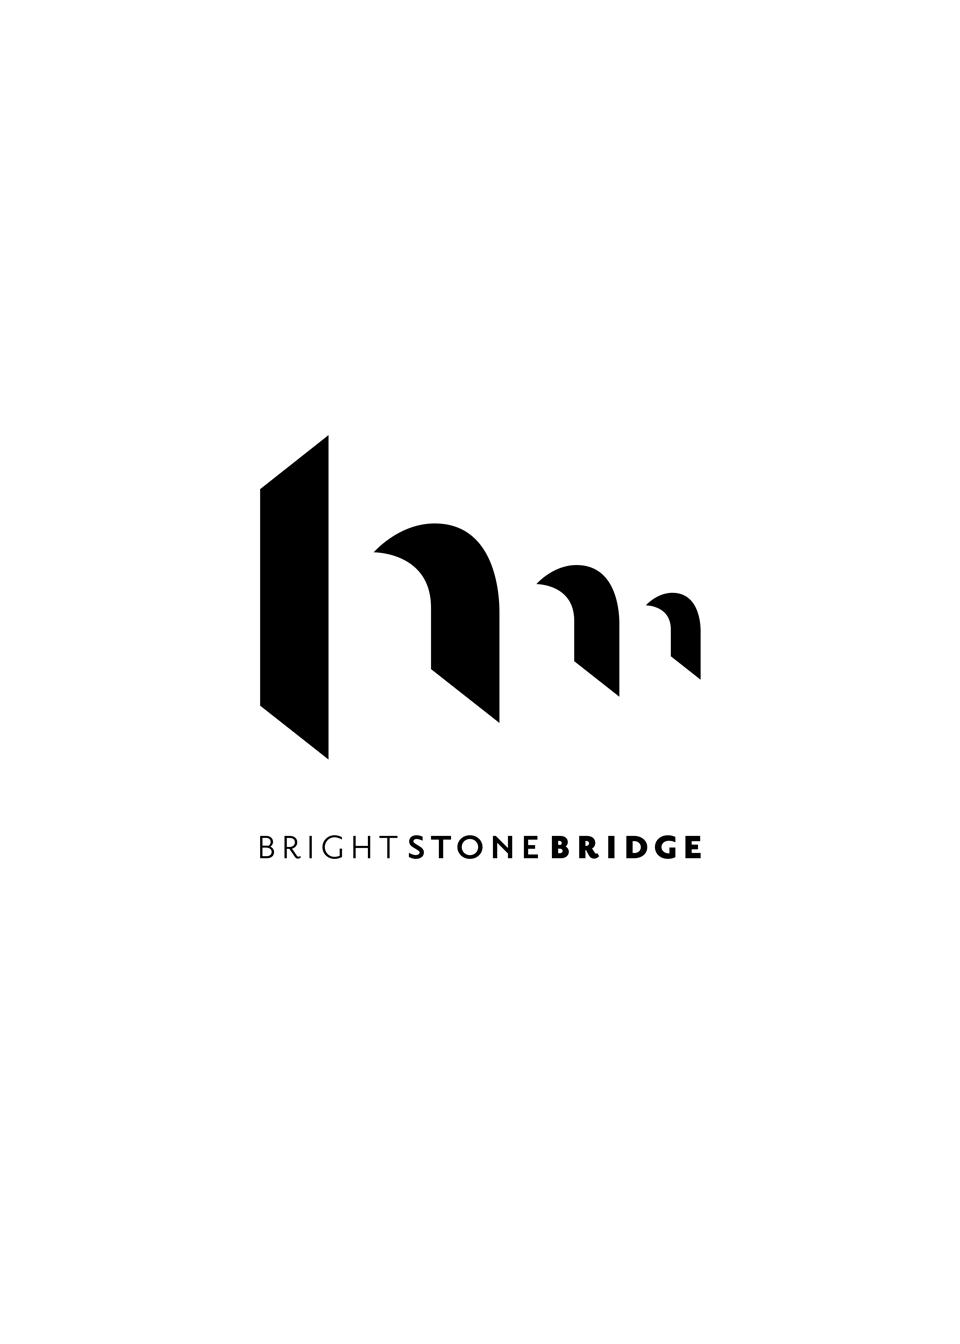 Brightstonebridge logo